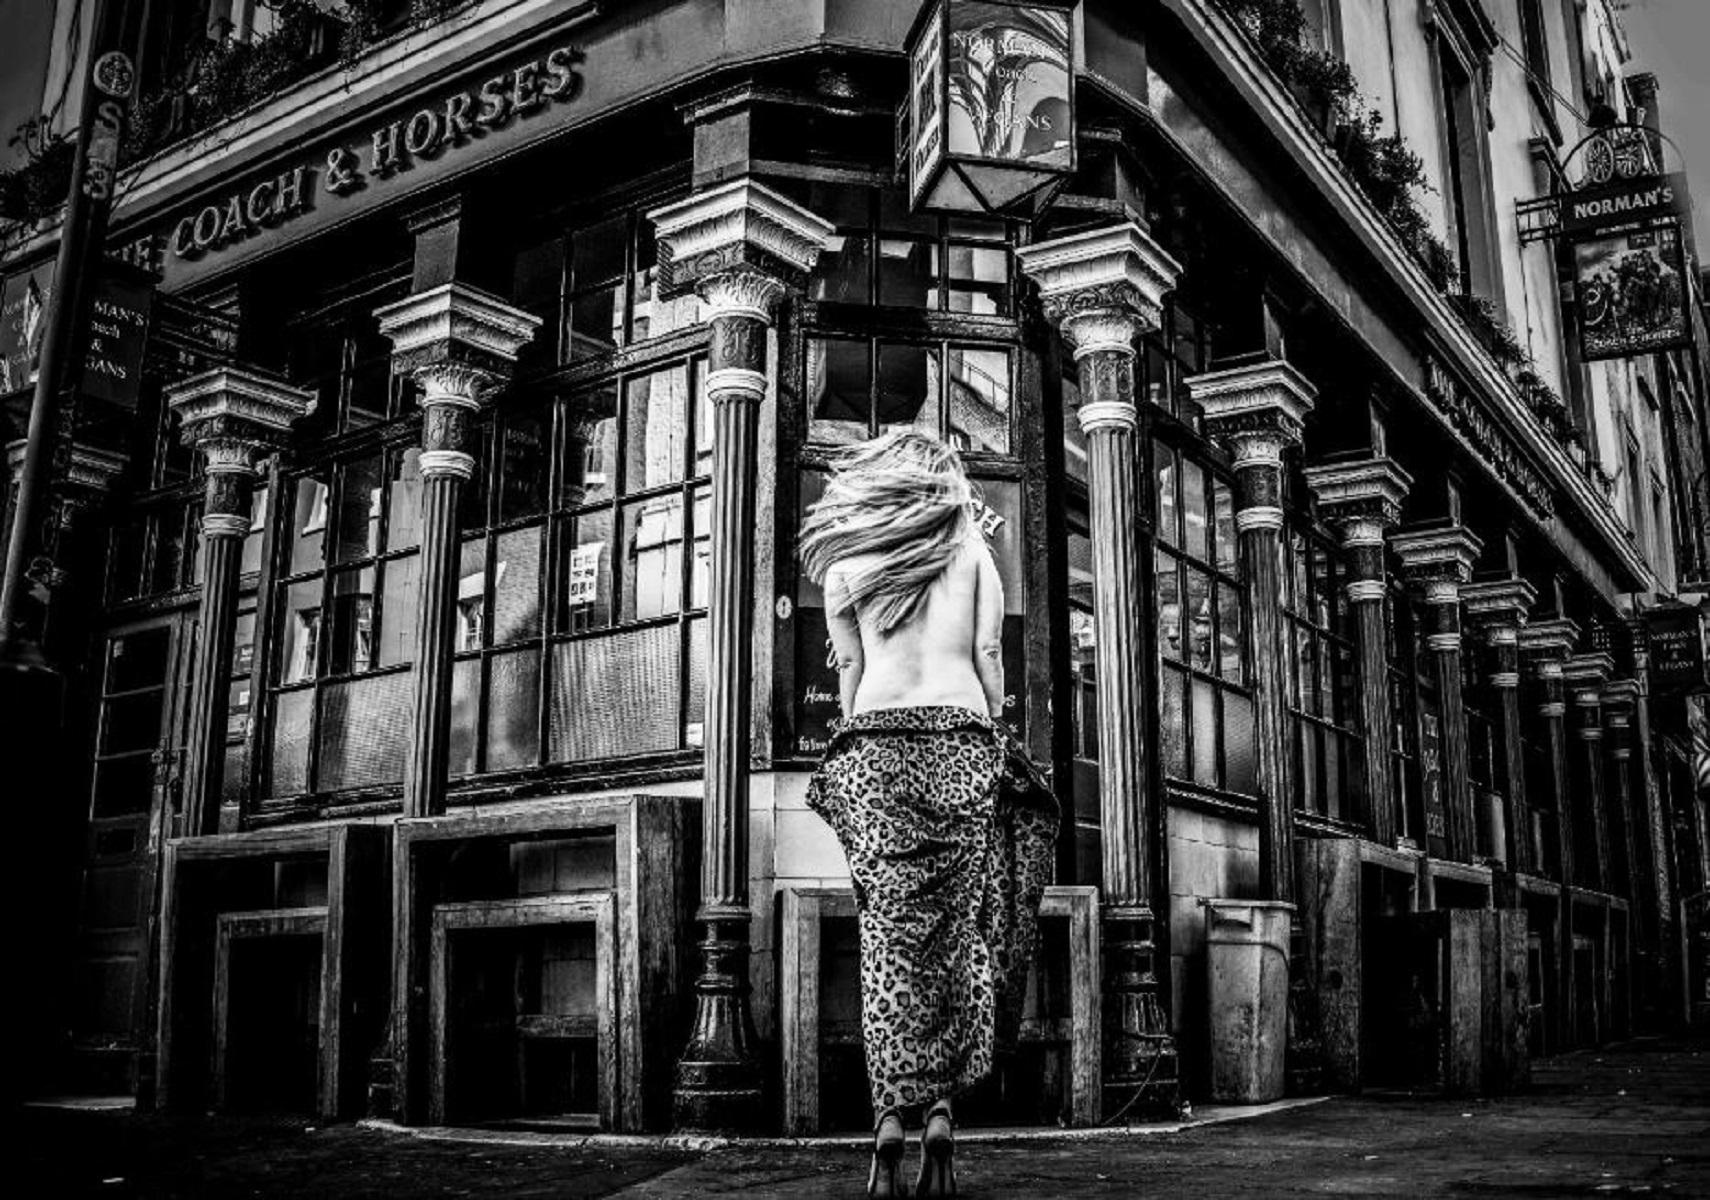 Londra, in un pub è possibile brindare senza vestiti